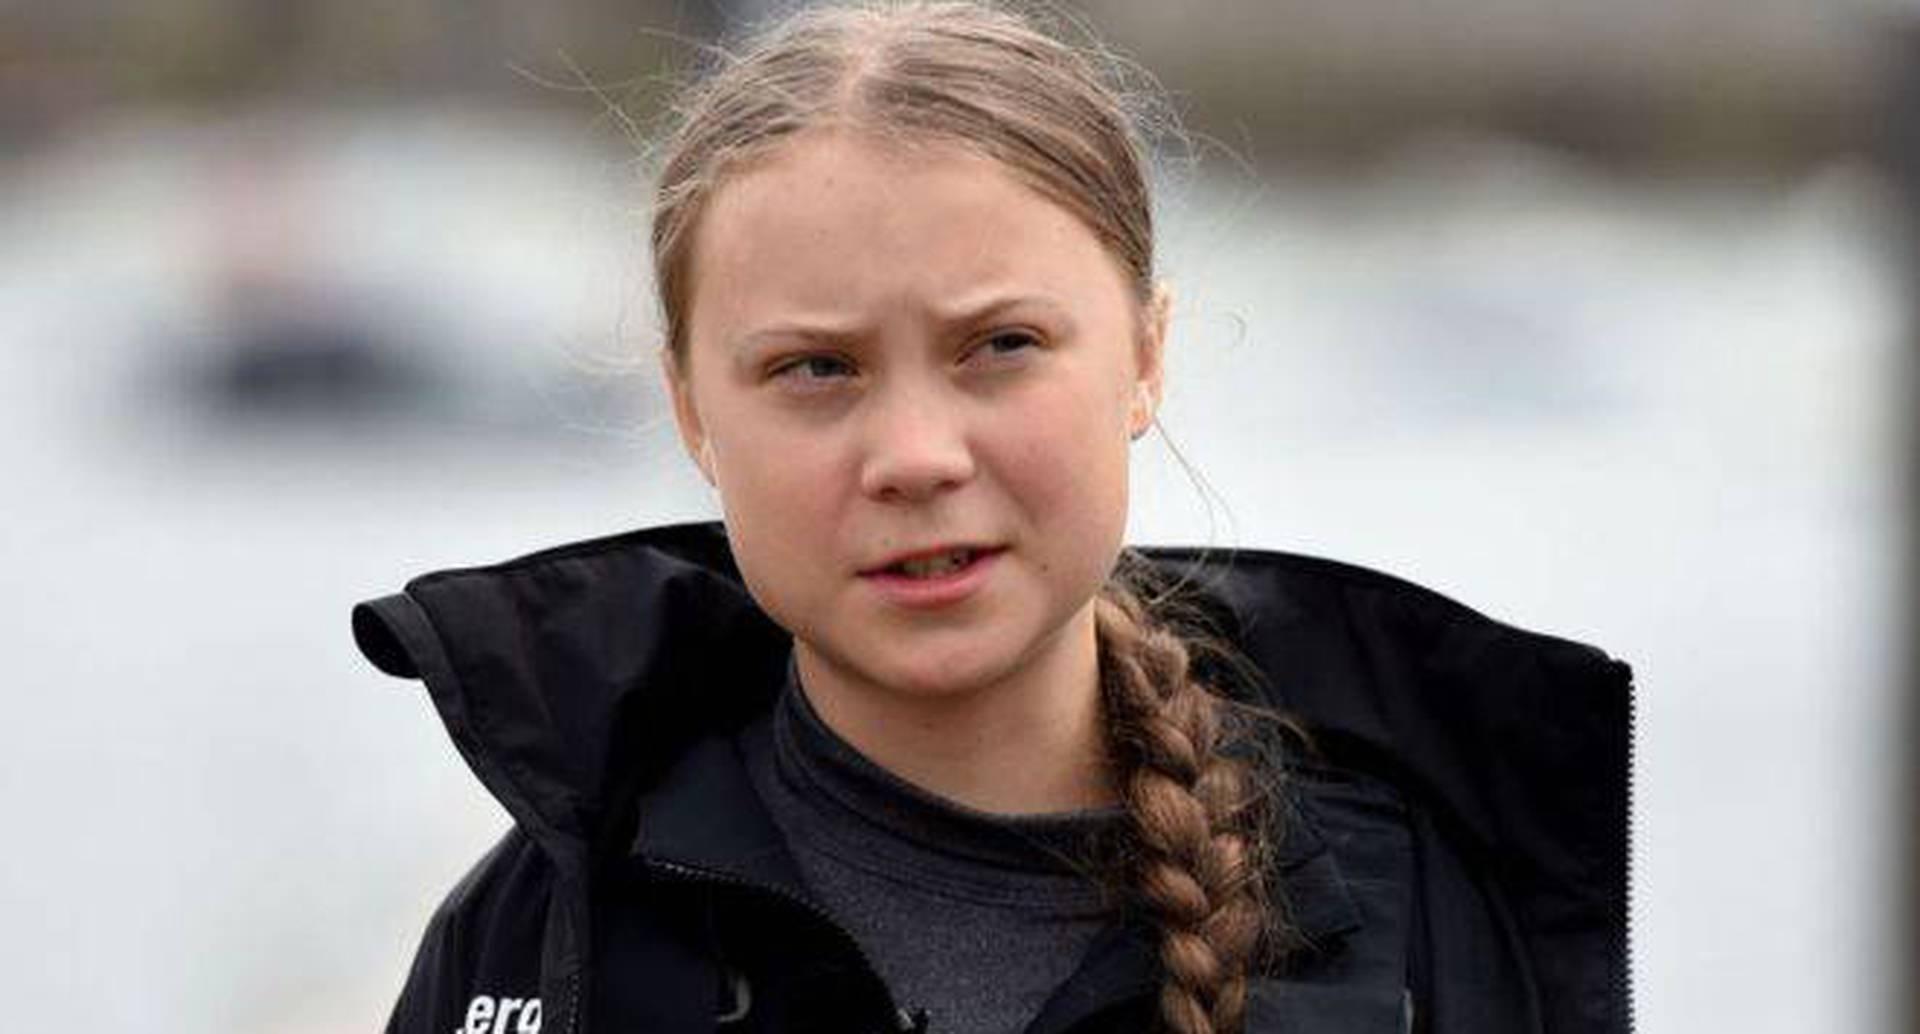 La activista sueca está nominada al premio Nobel de Paz.